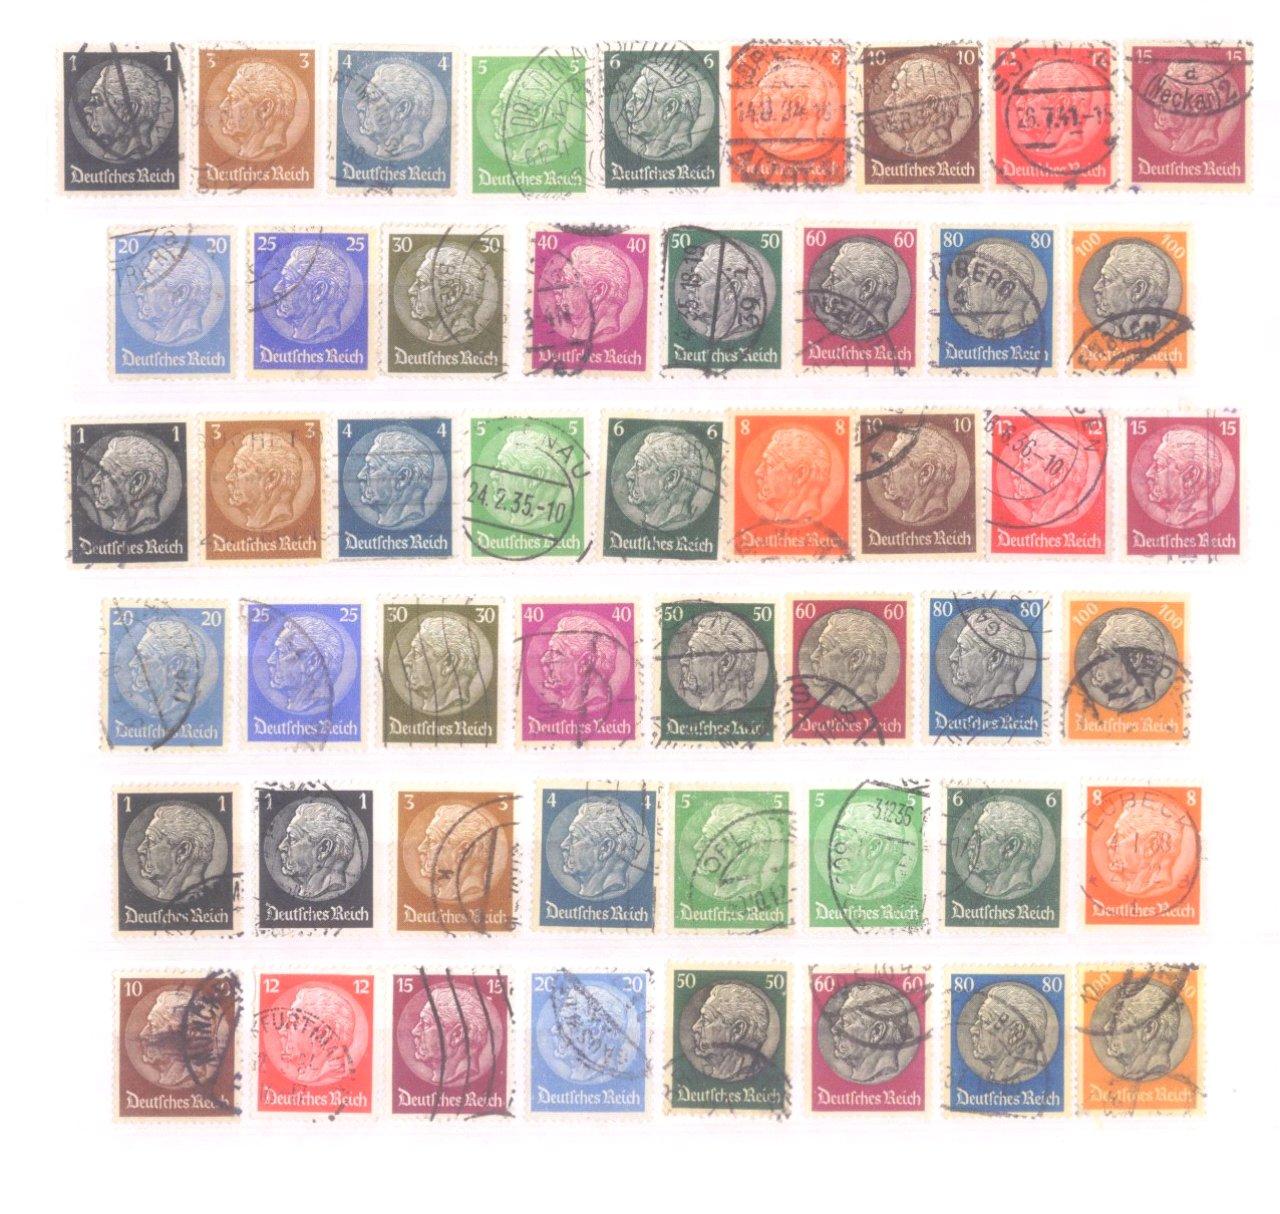 Sammlung Deutsches Reich in 2 Alben, 1933-1945-1